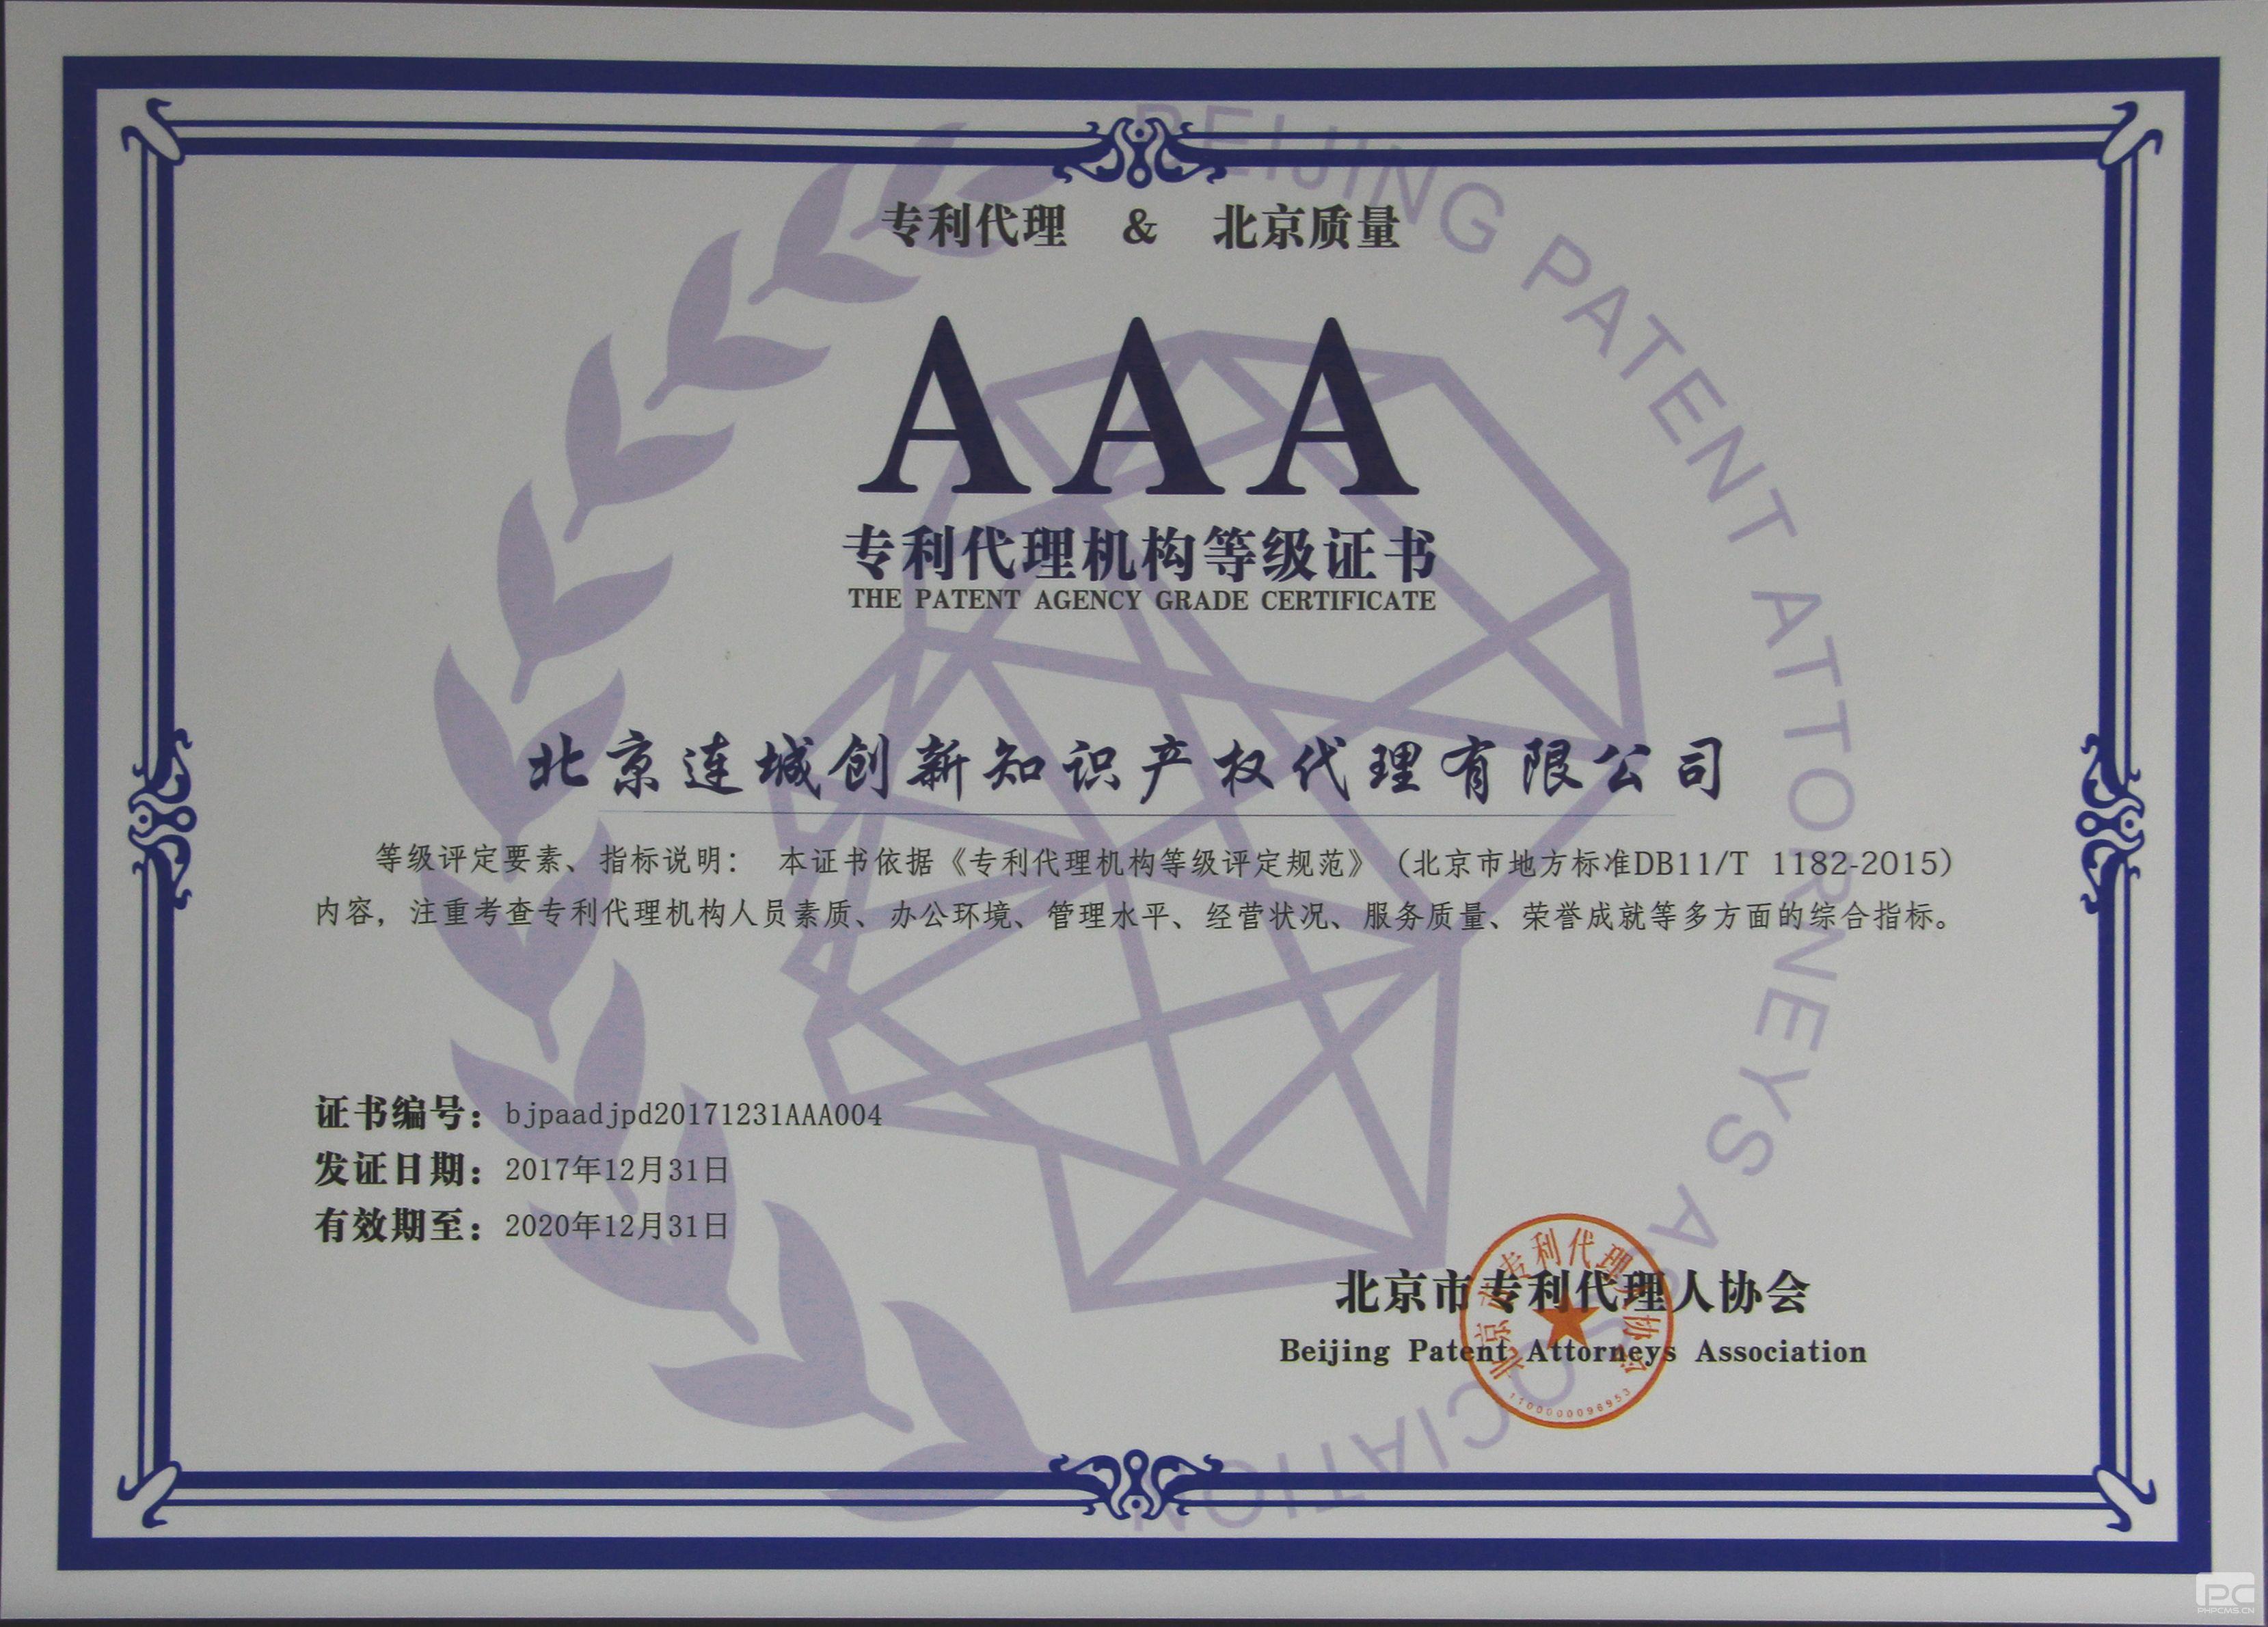 专利代理等级资格AAA证书